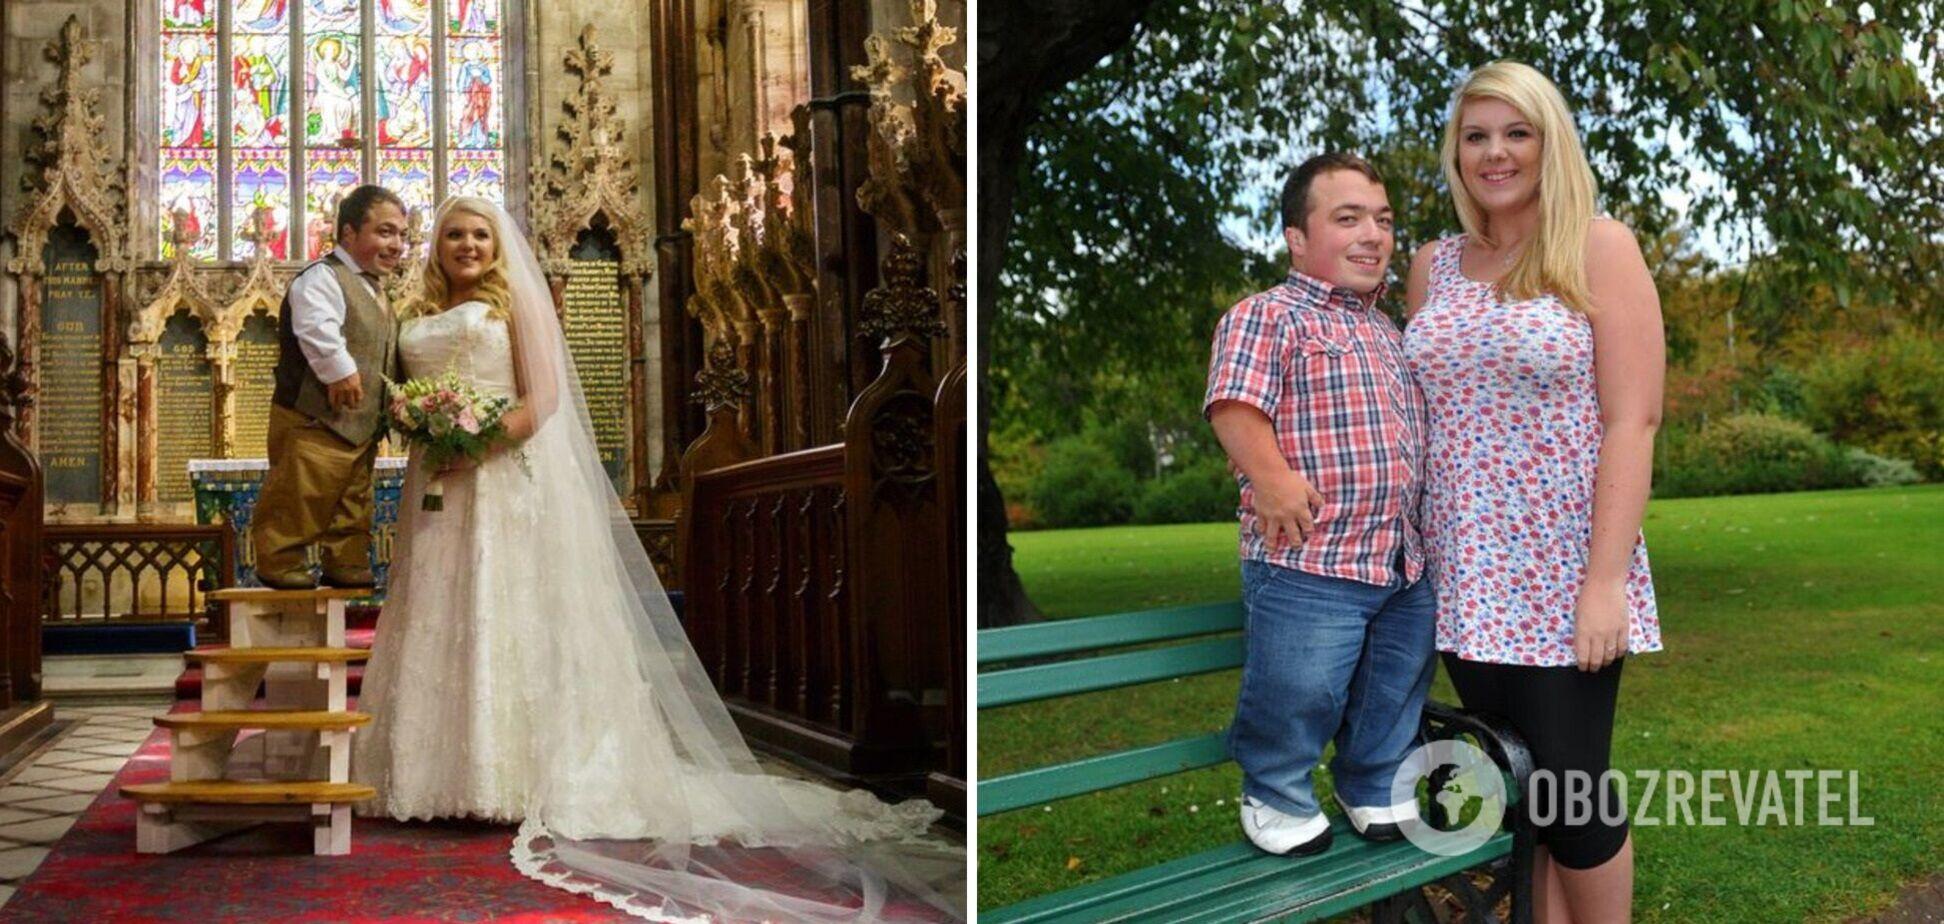 Пара из Великобритании с самой большой разницей в росте установила мировой рекорд